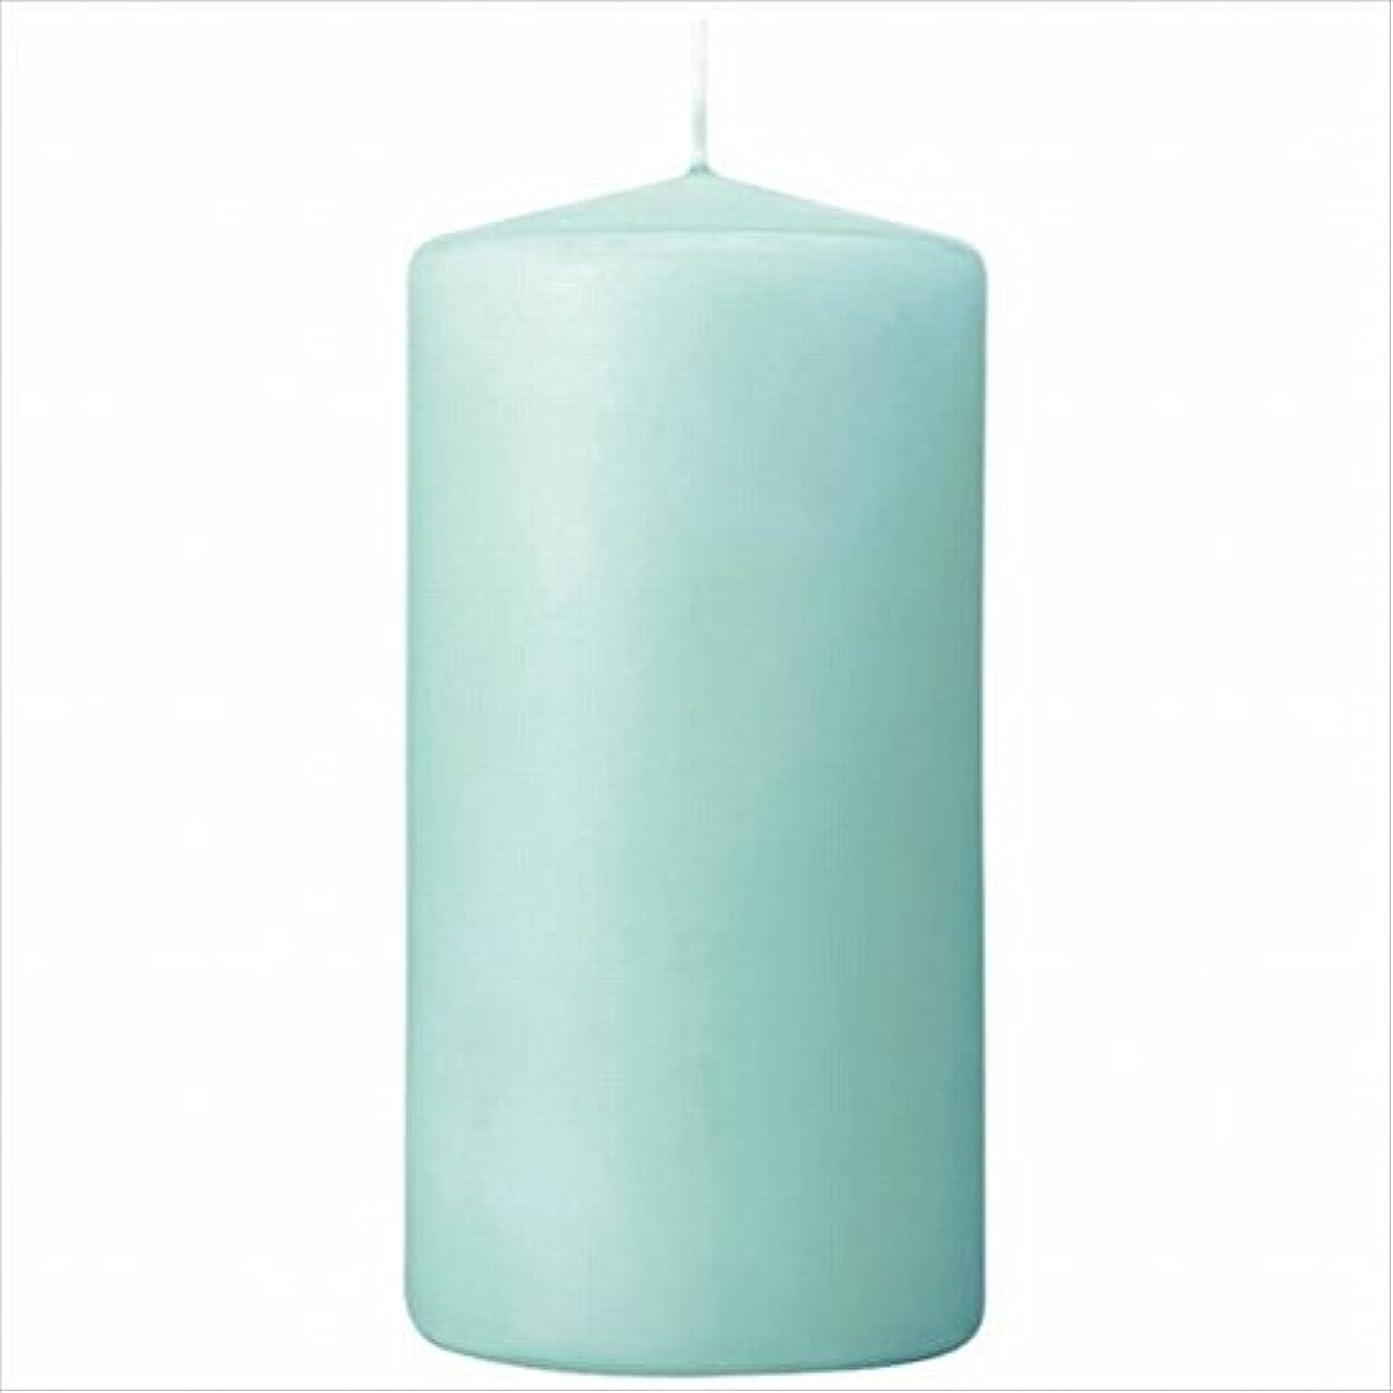 今ドリンクウナギカメヤマキャンドル(kameyama candle) 3×6ベルトップピラーキャンドル 「 ライトブルー 」